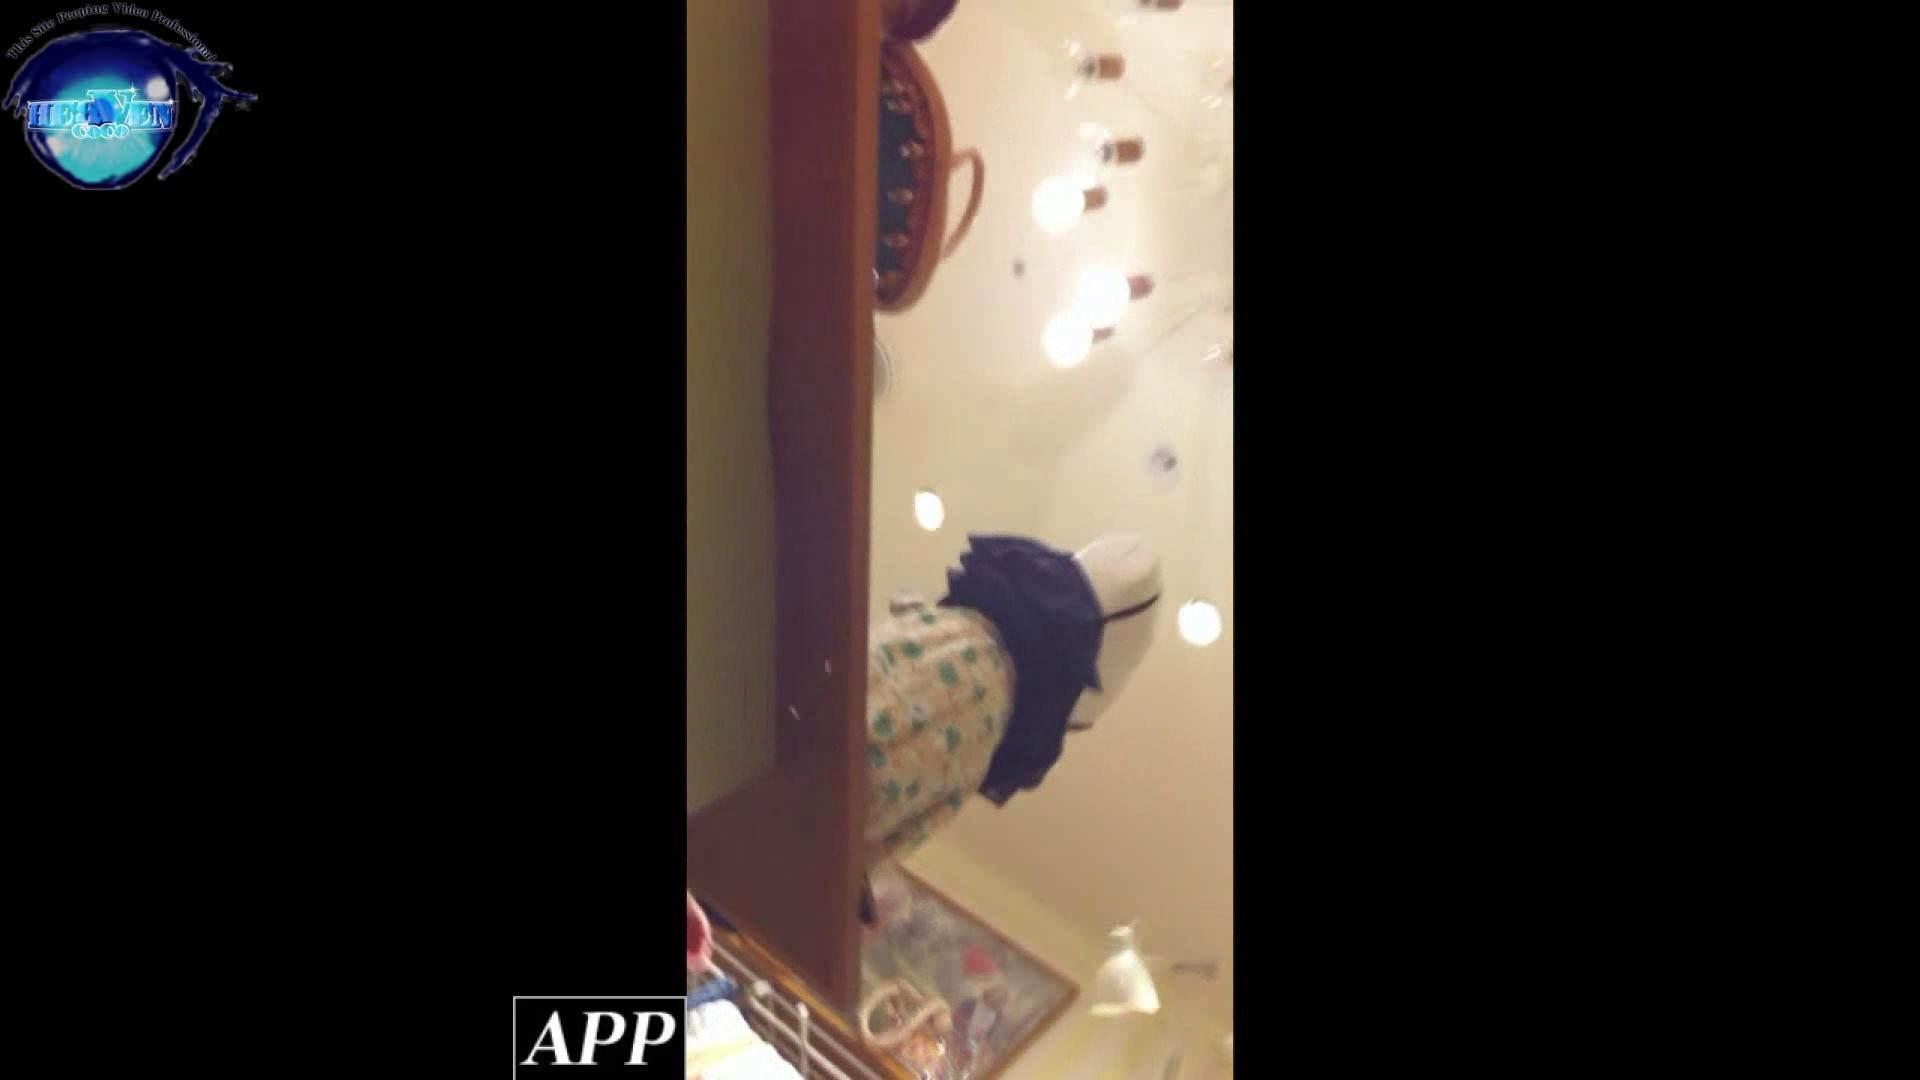 ハイビジョン盗撮!ショップ店員千人斬り!胸チラ編 vol.53 盗撮師作品  83pic 72